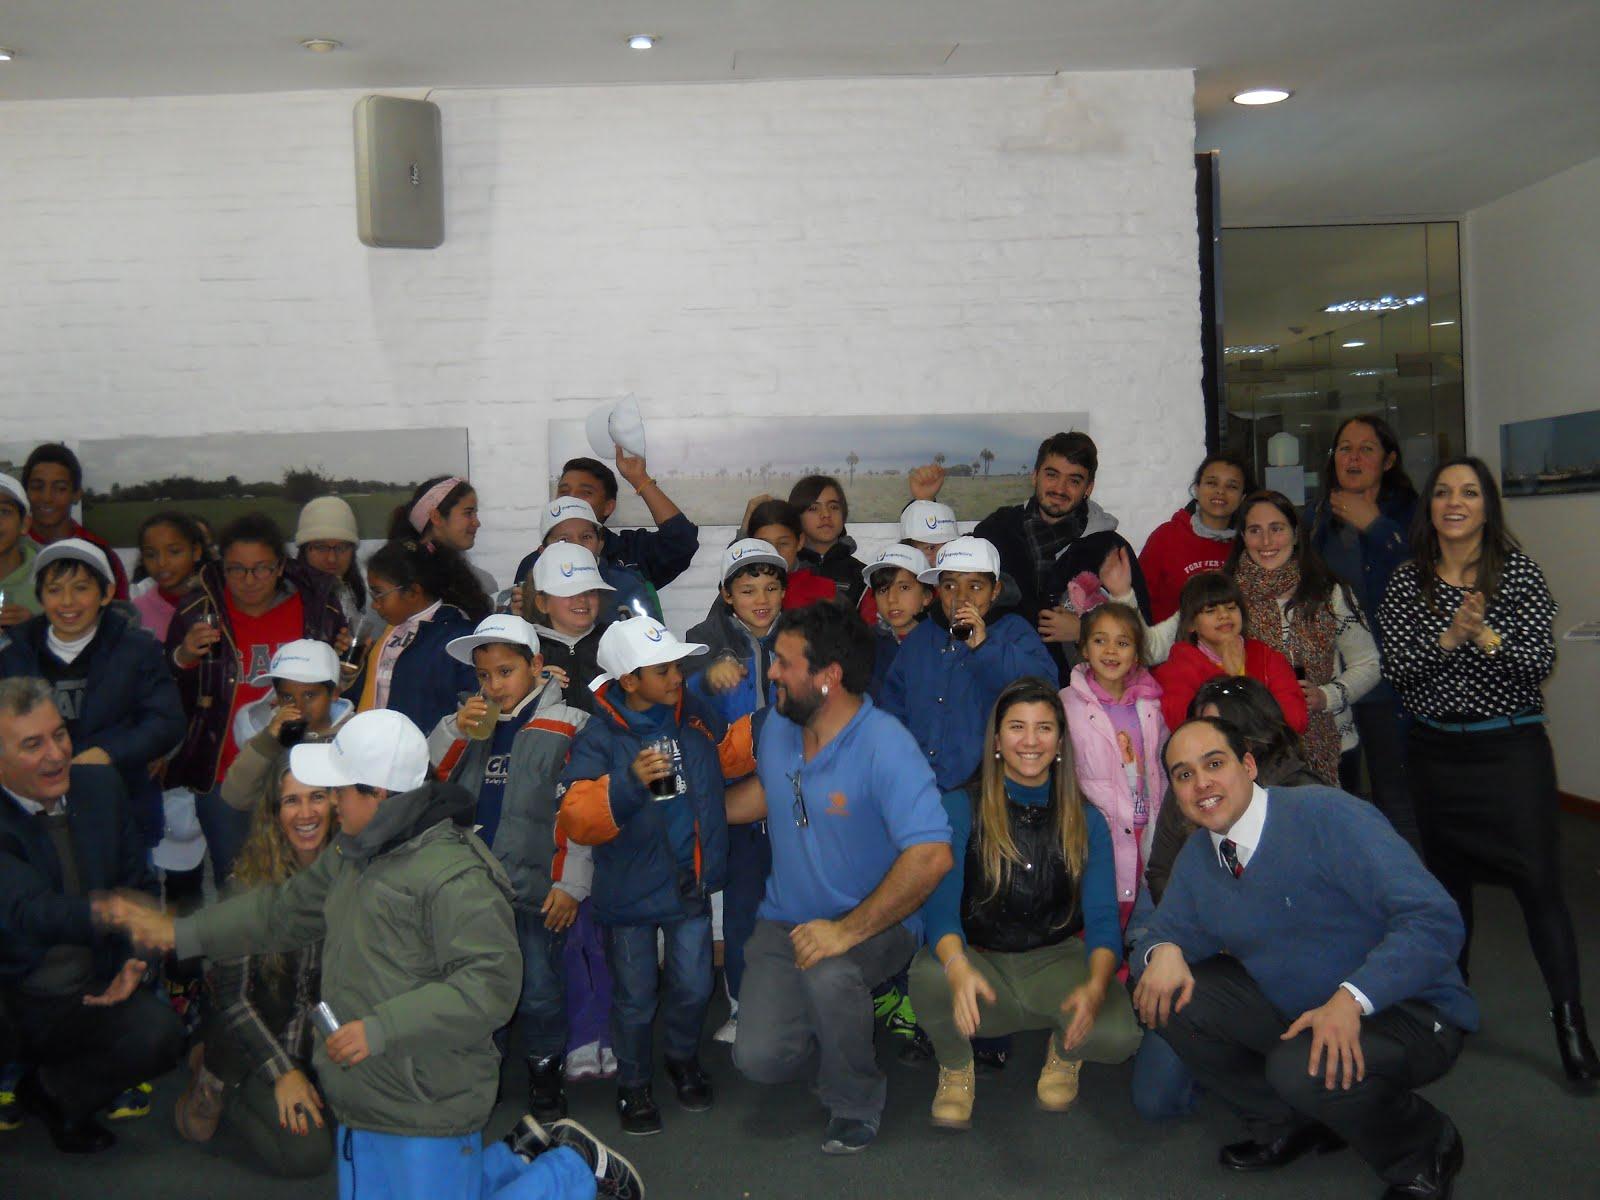 Lanzamiento de la Temporada de Ballenas 2015 en Montevideo - 22-7-2015